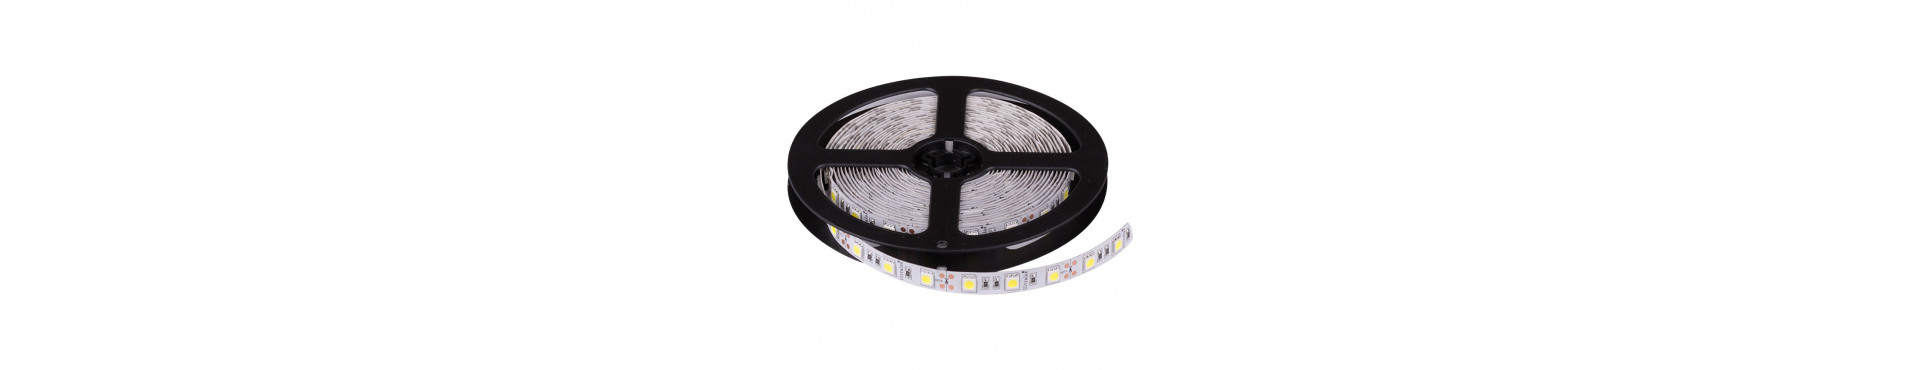 LED-bånd 12V - Ikke vandtæt - Køb dem online her